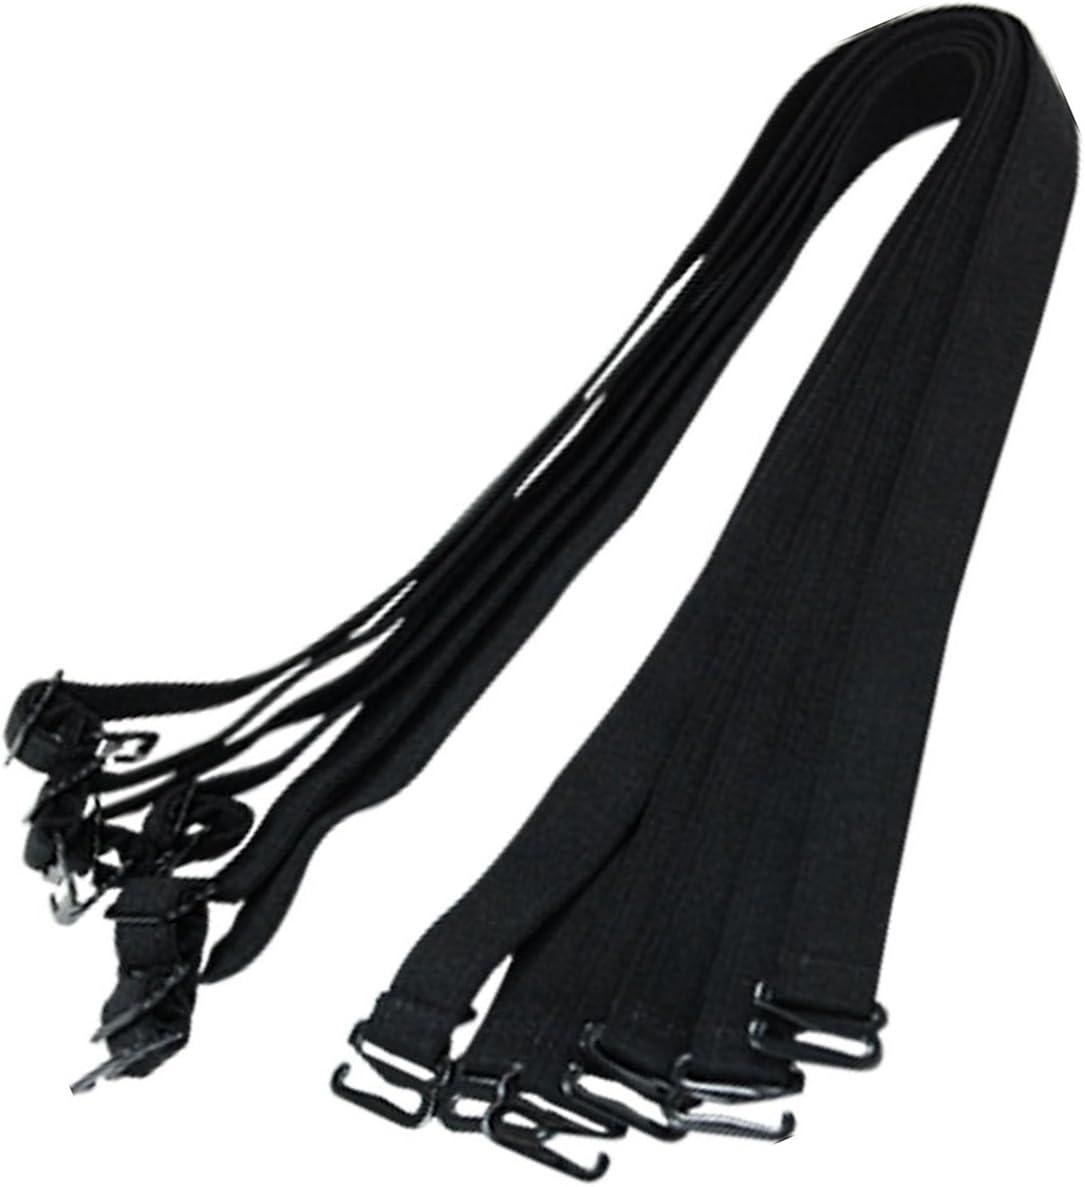 uxcell/® 6 Pcs Bra Black Soft Adjustable Elastic Shoulder Straps